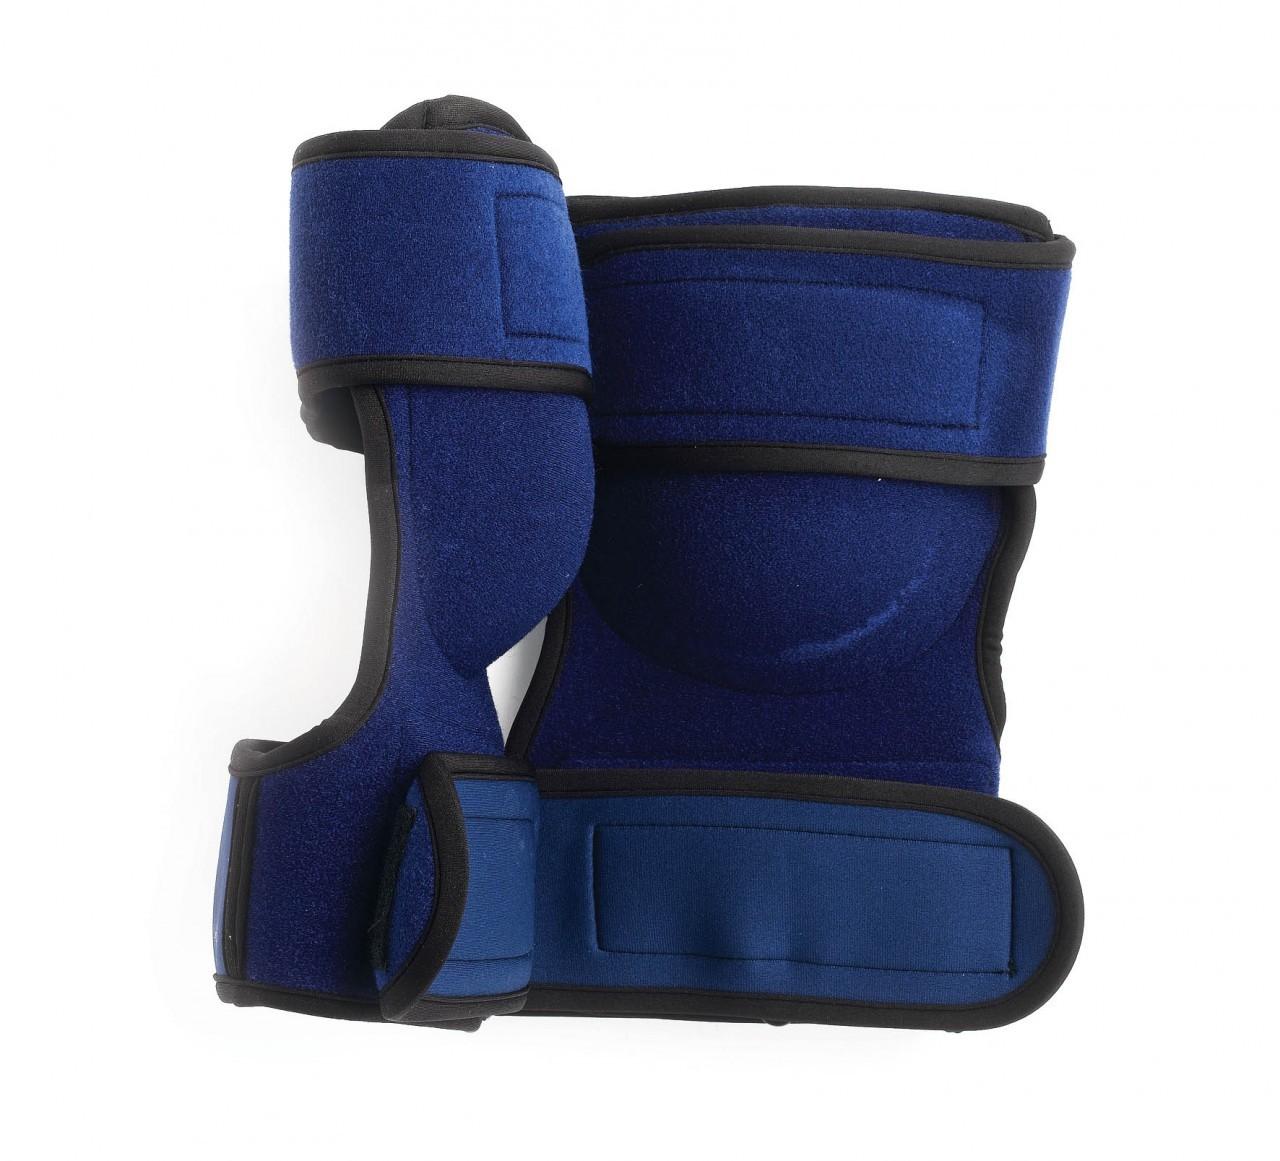 Crain 197 Comfort Knees Knee Pads  Deltaquip Supplies Ltd